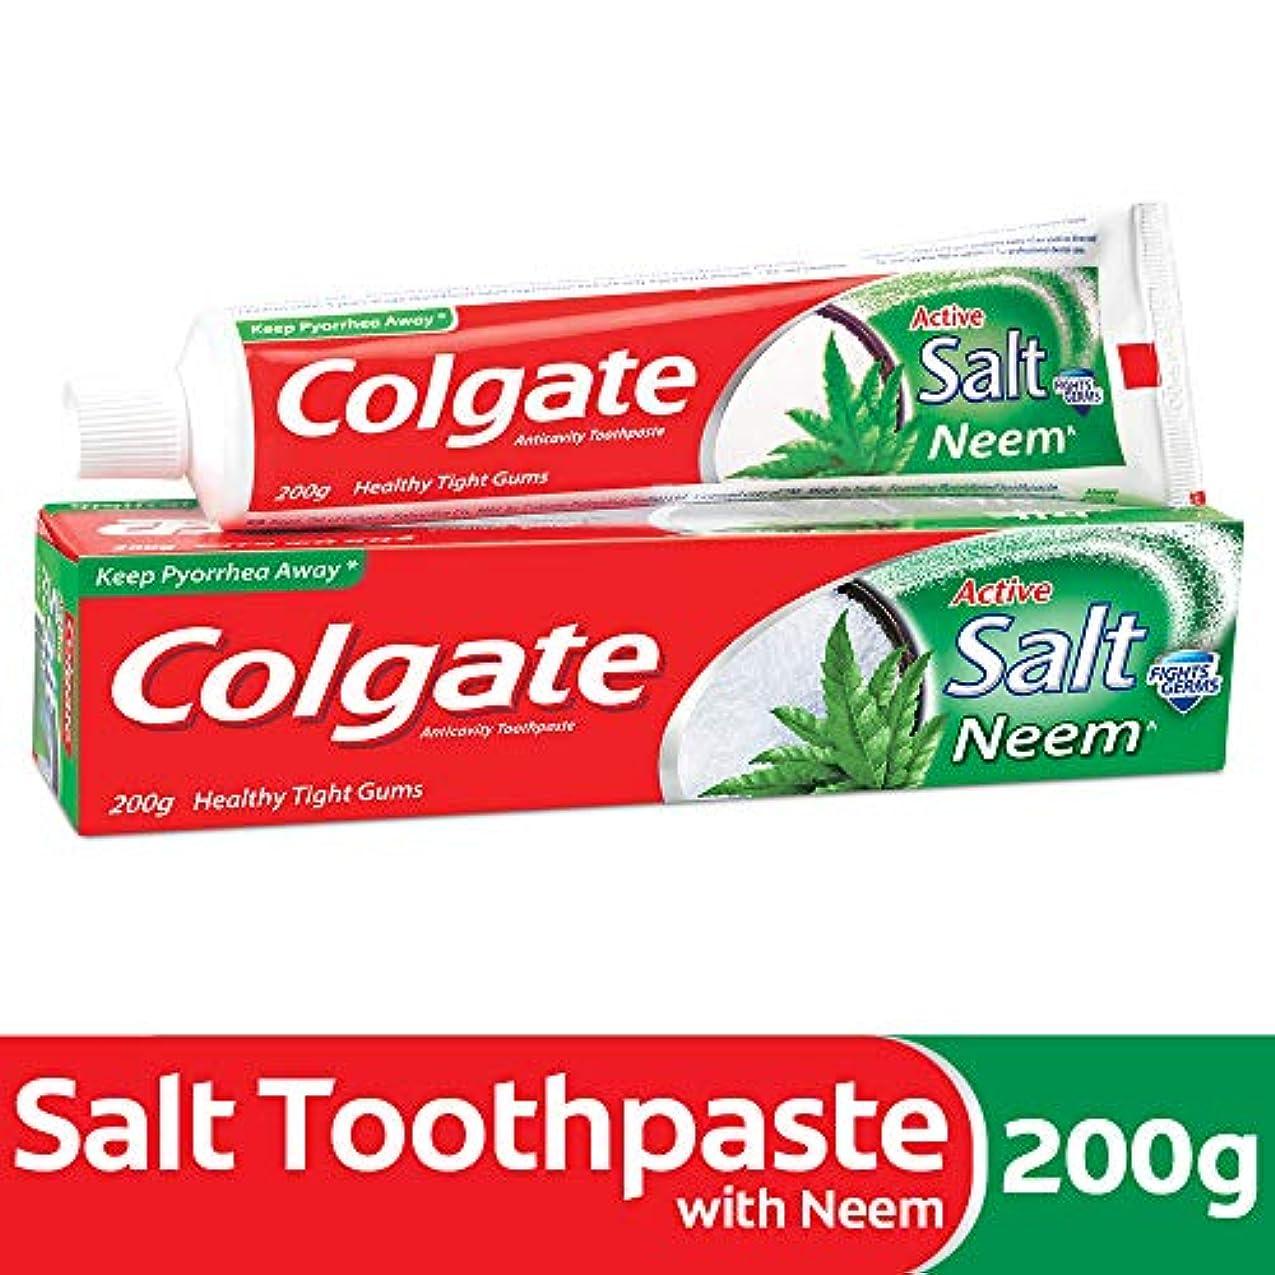 マルコポーロ巡礼者無法者Colgate Active Salt Neem Anticavity Toothpaste - 200g